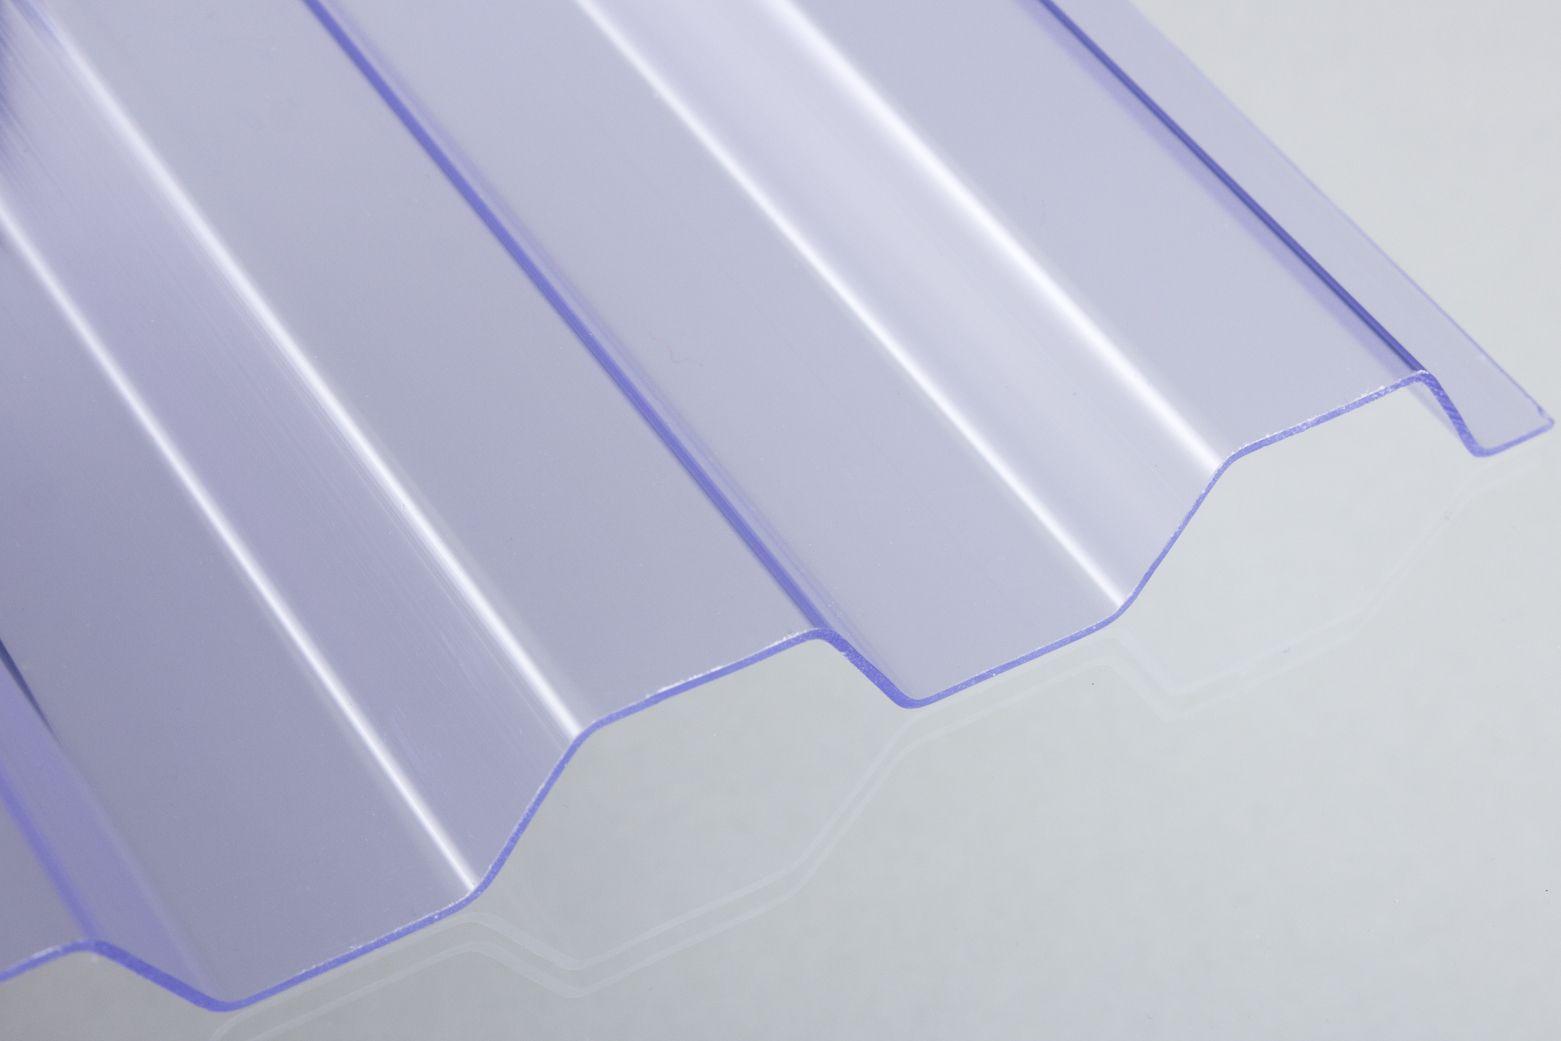 Lichtplatten Pvc 70/18 - 1,4Mm Stärke » Im Trapezbleche Onlineshop